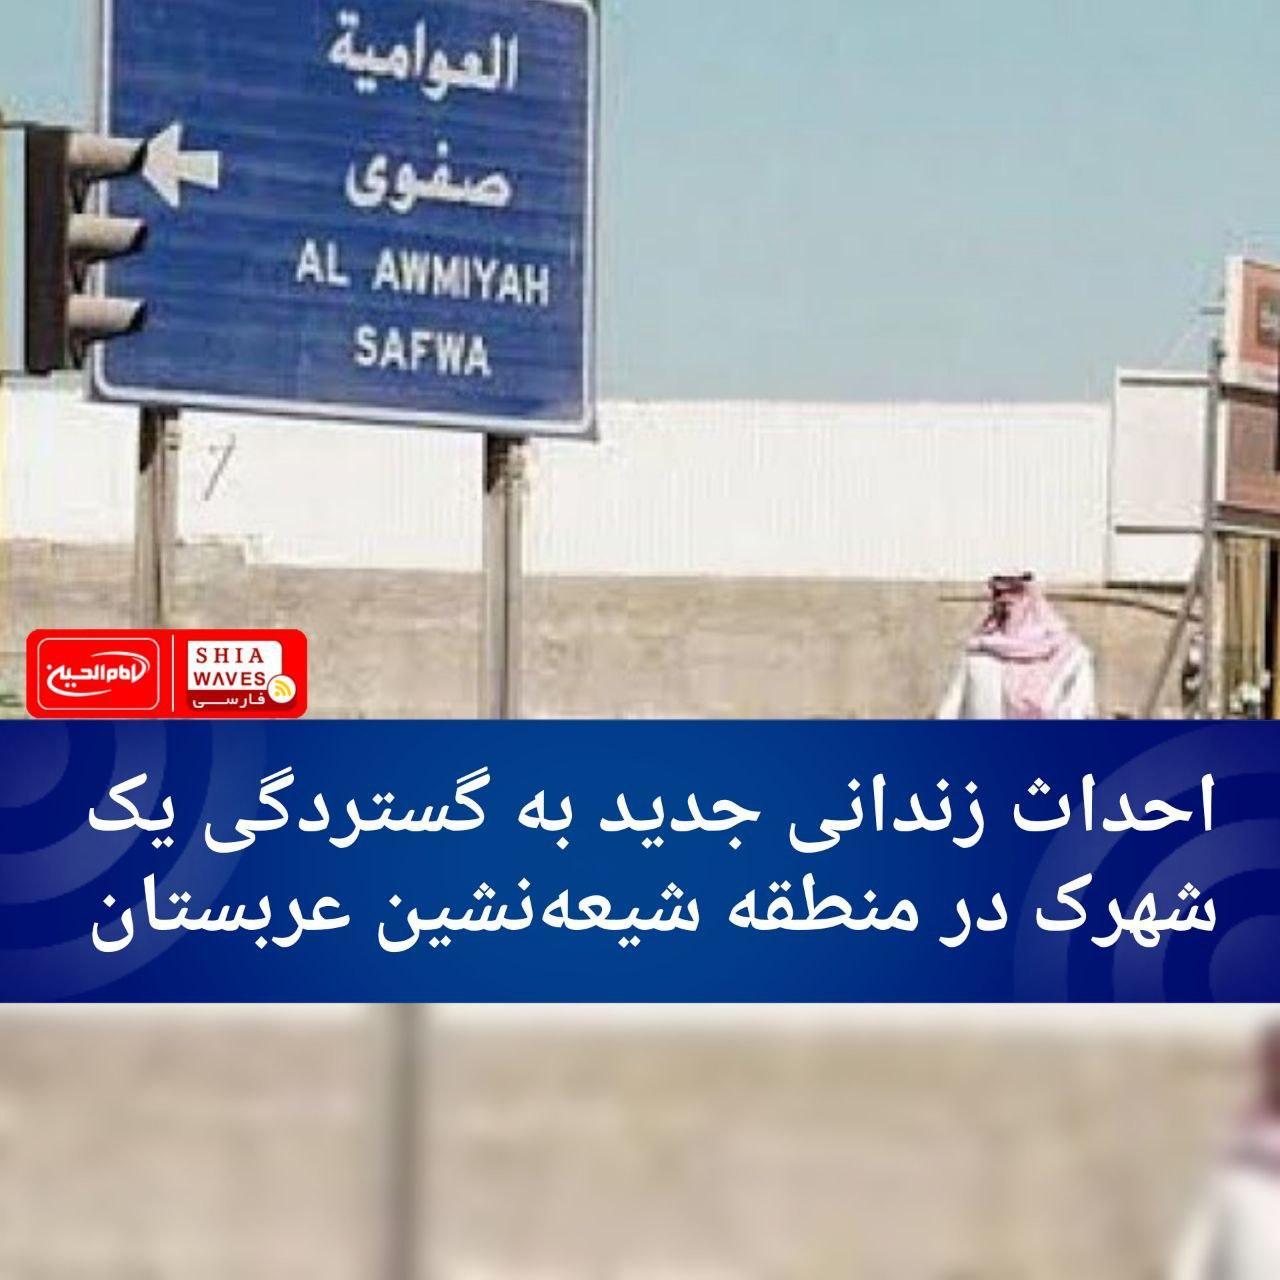 تصویر احداث زندانی جدید به گستردگی یک شهرک در منطقه شیعهنشین عربستان